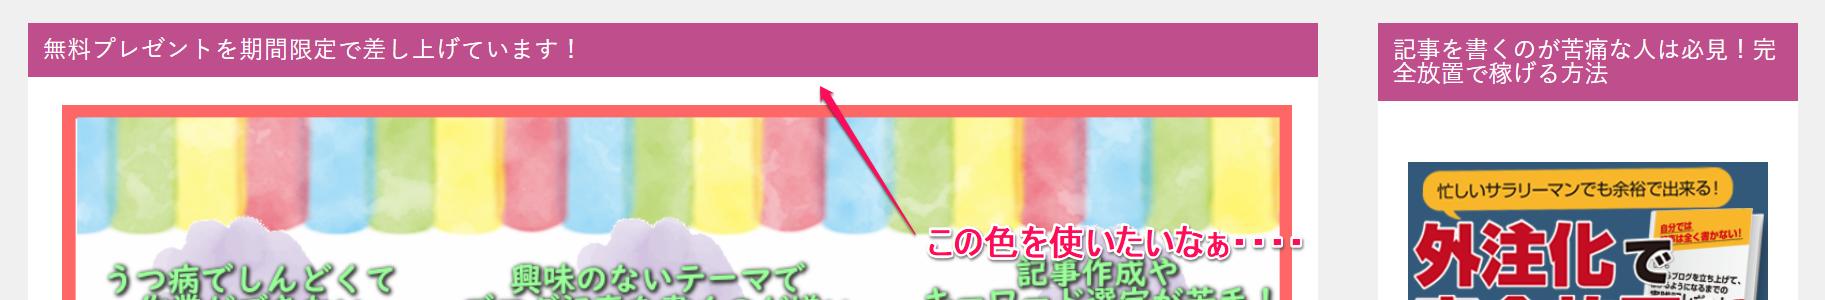 カラーコード 調べる